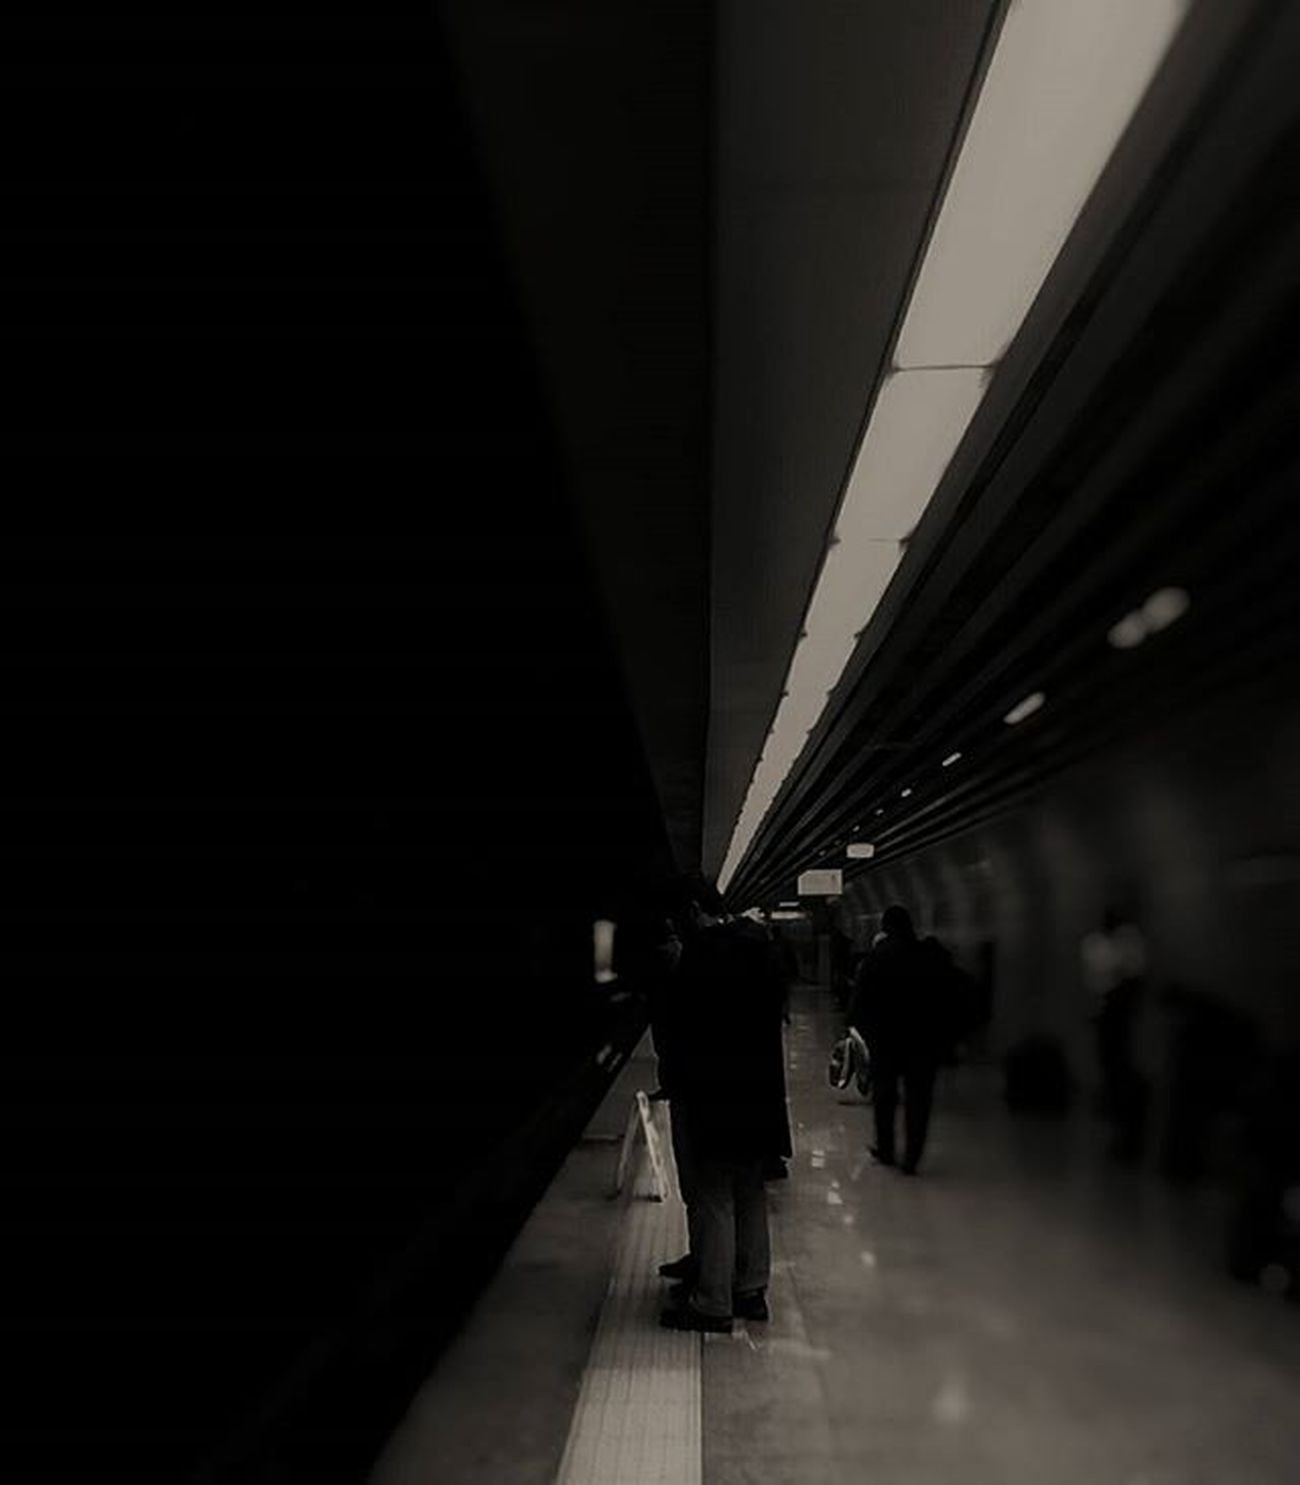 Waiting the light.. Vscoism Vscoturkiye Vscoturkey Vscoturkiye Vscoistanbul Benimkadrajım Objektifimden Objektifimdenyansiyanlar Durdurzamani Zamanidurdur Anıyakala Karanlık Darkness Light Metro Subway Waiting Beklemek Marmaray